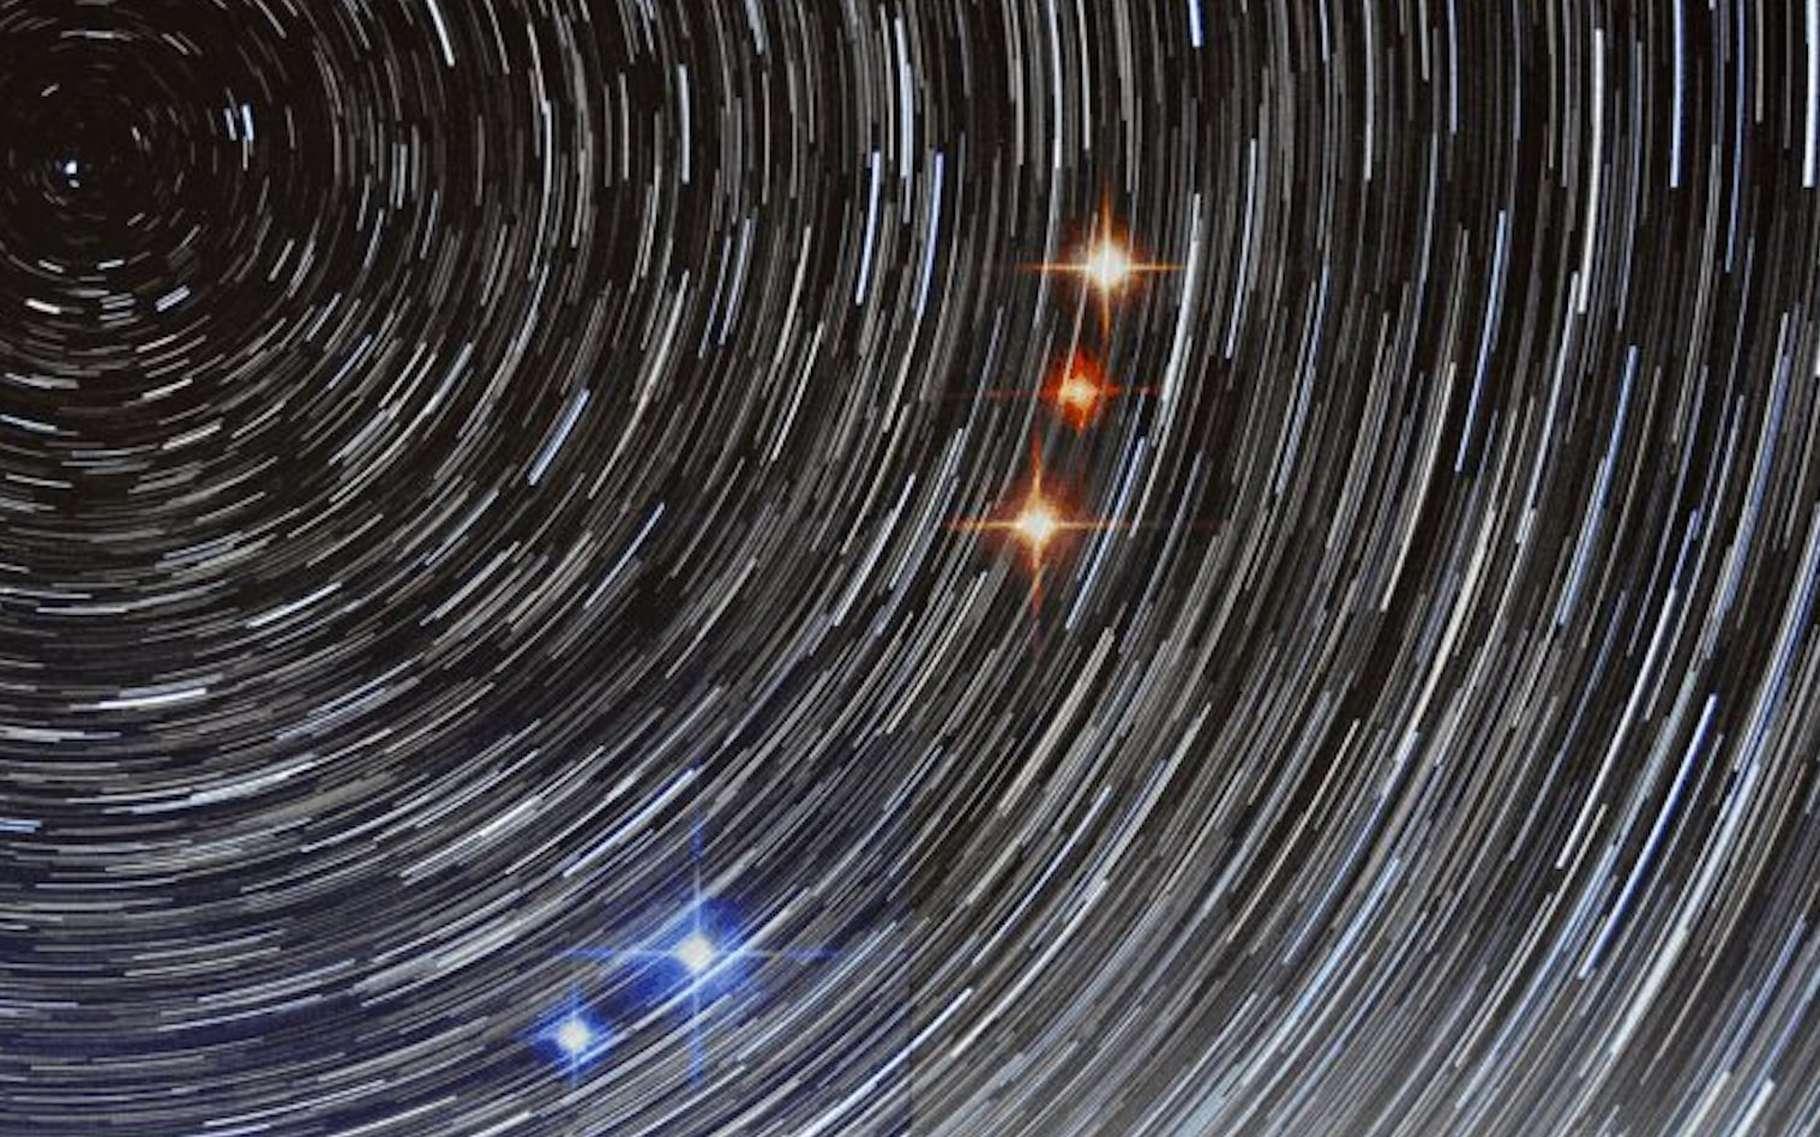 Grâce à deux radiotélescopes connectés l'un à l'autre, des chercheurs ont fait une découverte qui les aide à comprendre ce que sont les sursauts radio rapides (FRB). Ou au moins, à comprendre ce qu'ils ne sont pas. © Joeri van Leeuwen, Astron